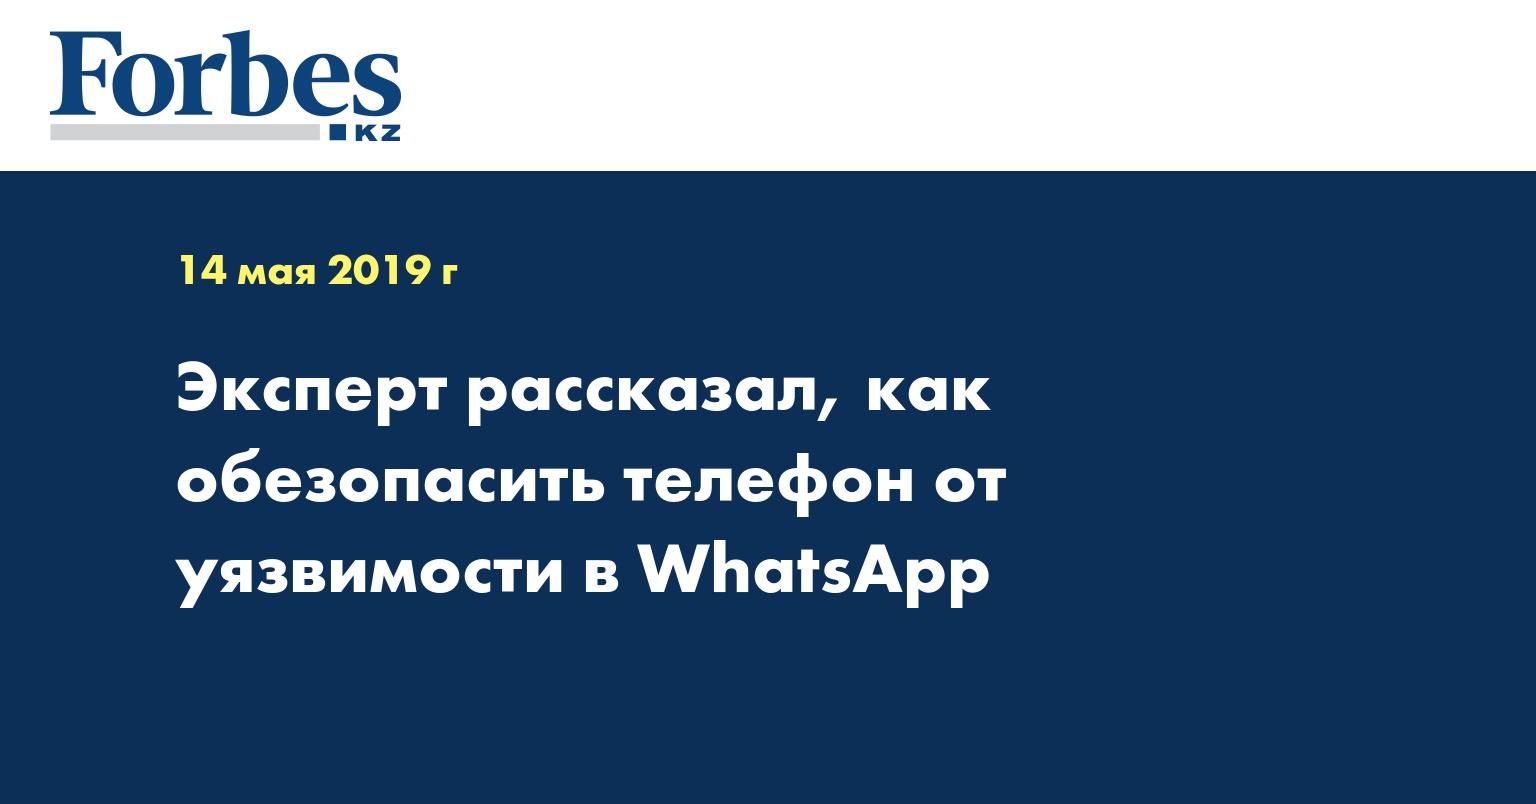 Эксперт рассказал, как обезопасить телефон от уязвимости в WhatsApp